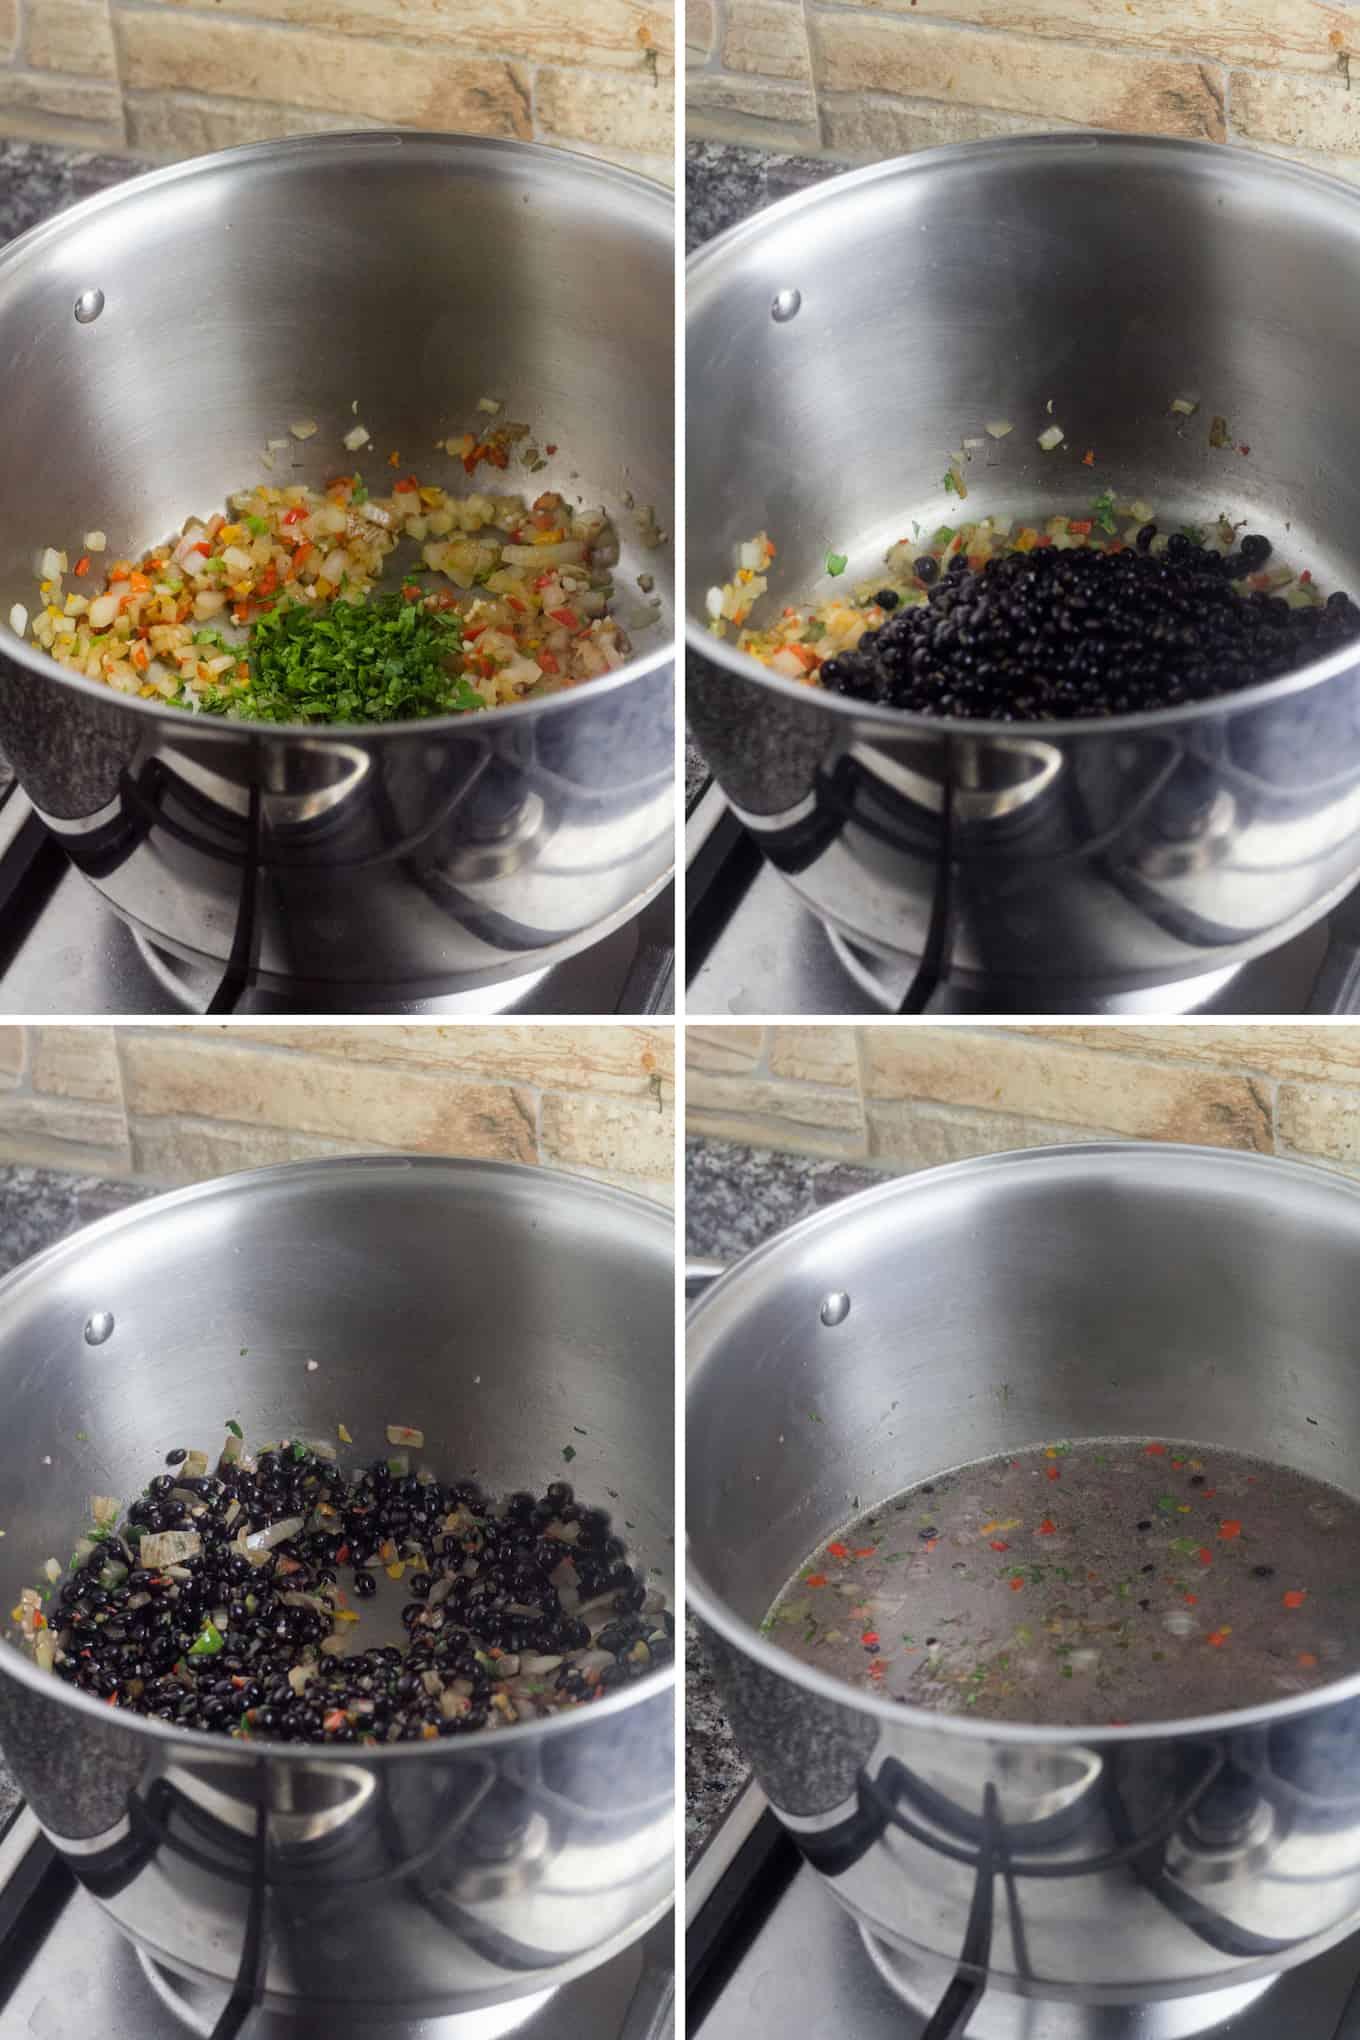 cuatro images de ollas: la primera de arriba tiene sofrito, la segundo de arriba tiene guandú y el sofrito, la primera de abajo tiene todo mezclado y la última de abajo tiene agua adicional.